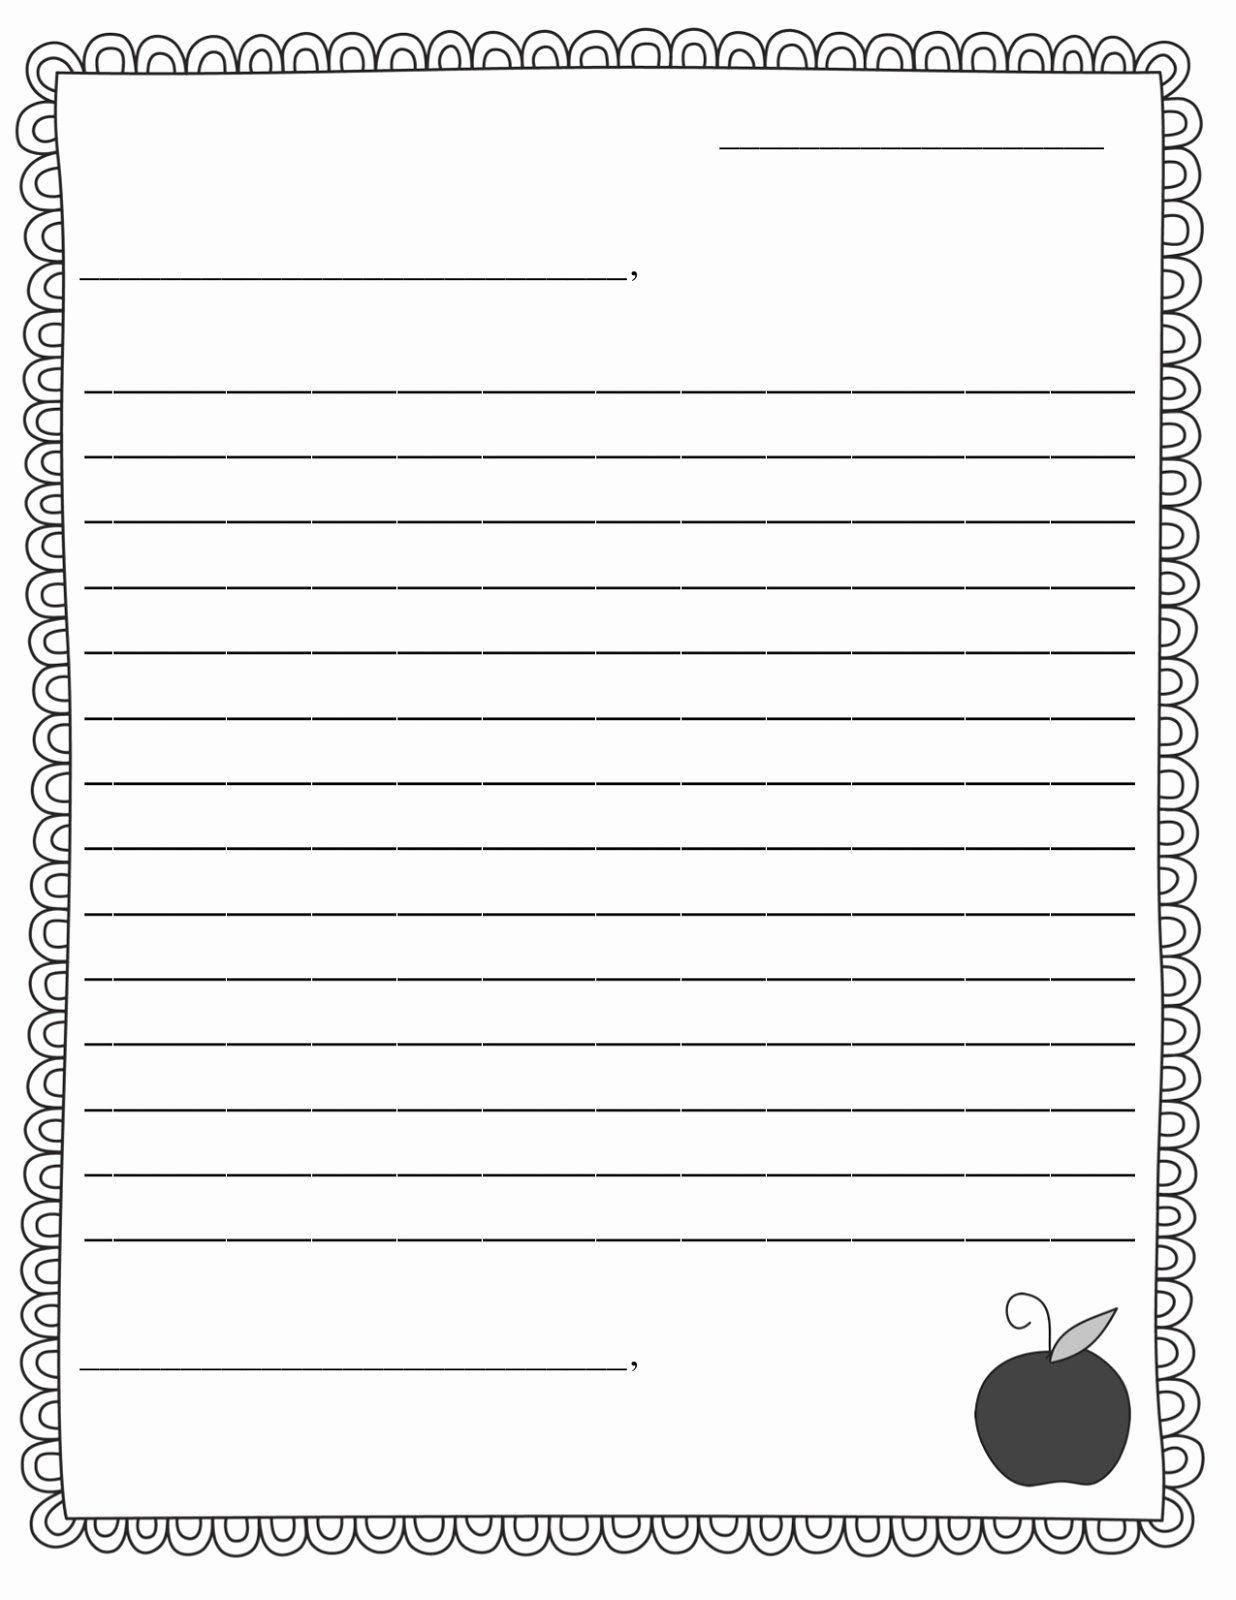 Pen Pal Letter Template Elegant Teacher Idea Factory Pen Pal News Friendly Letter